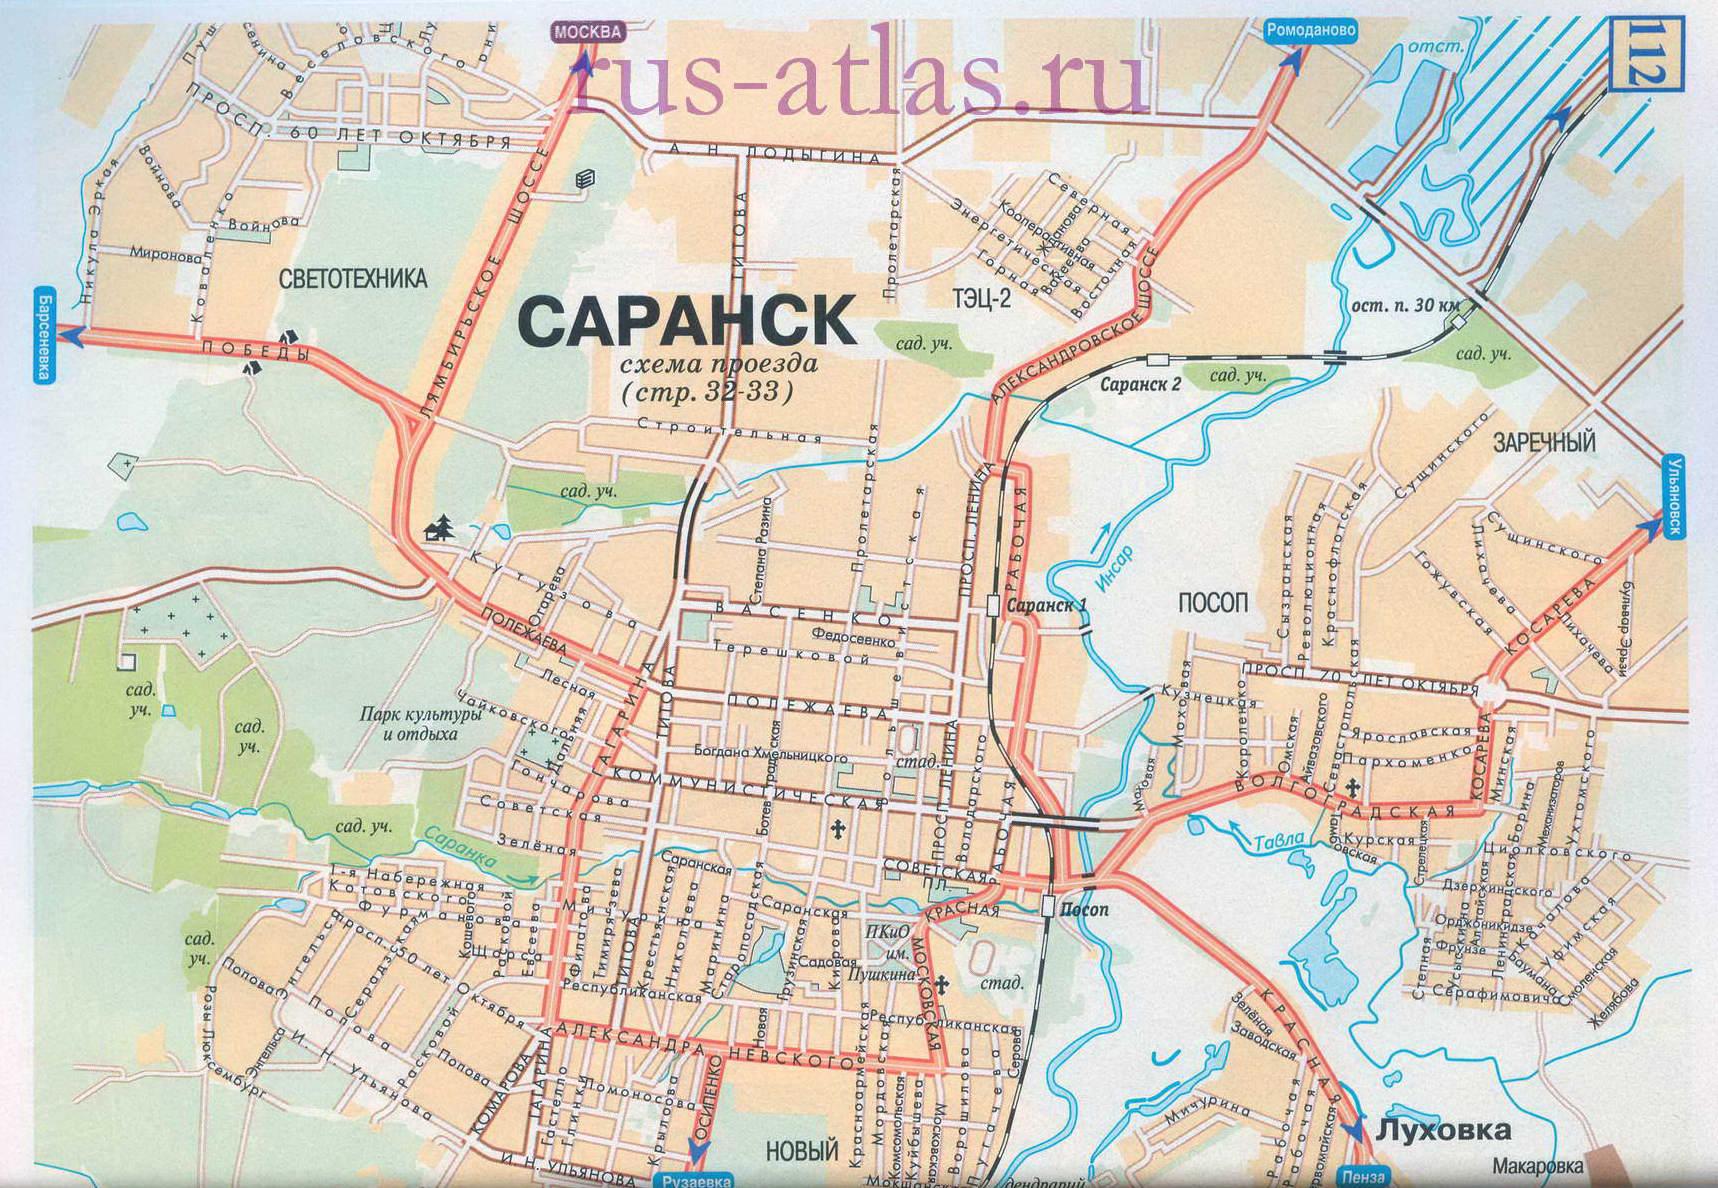 Подробная карта города Саранск с названиями улиц и схемой проезда грузового транспорта.